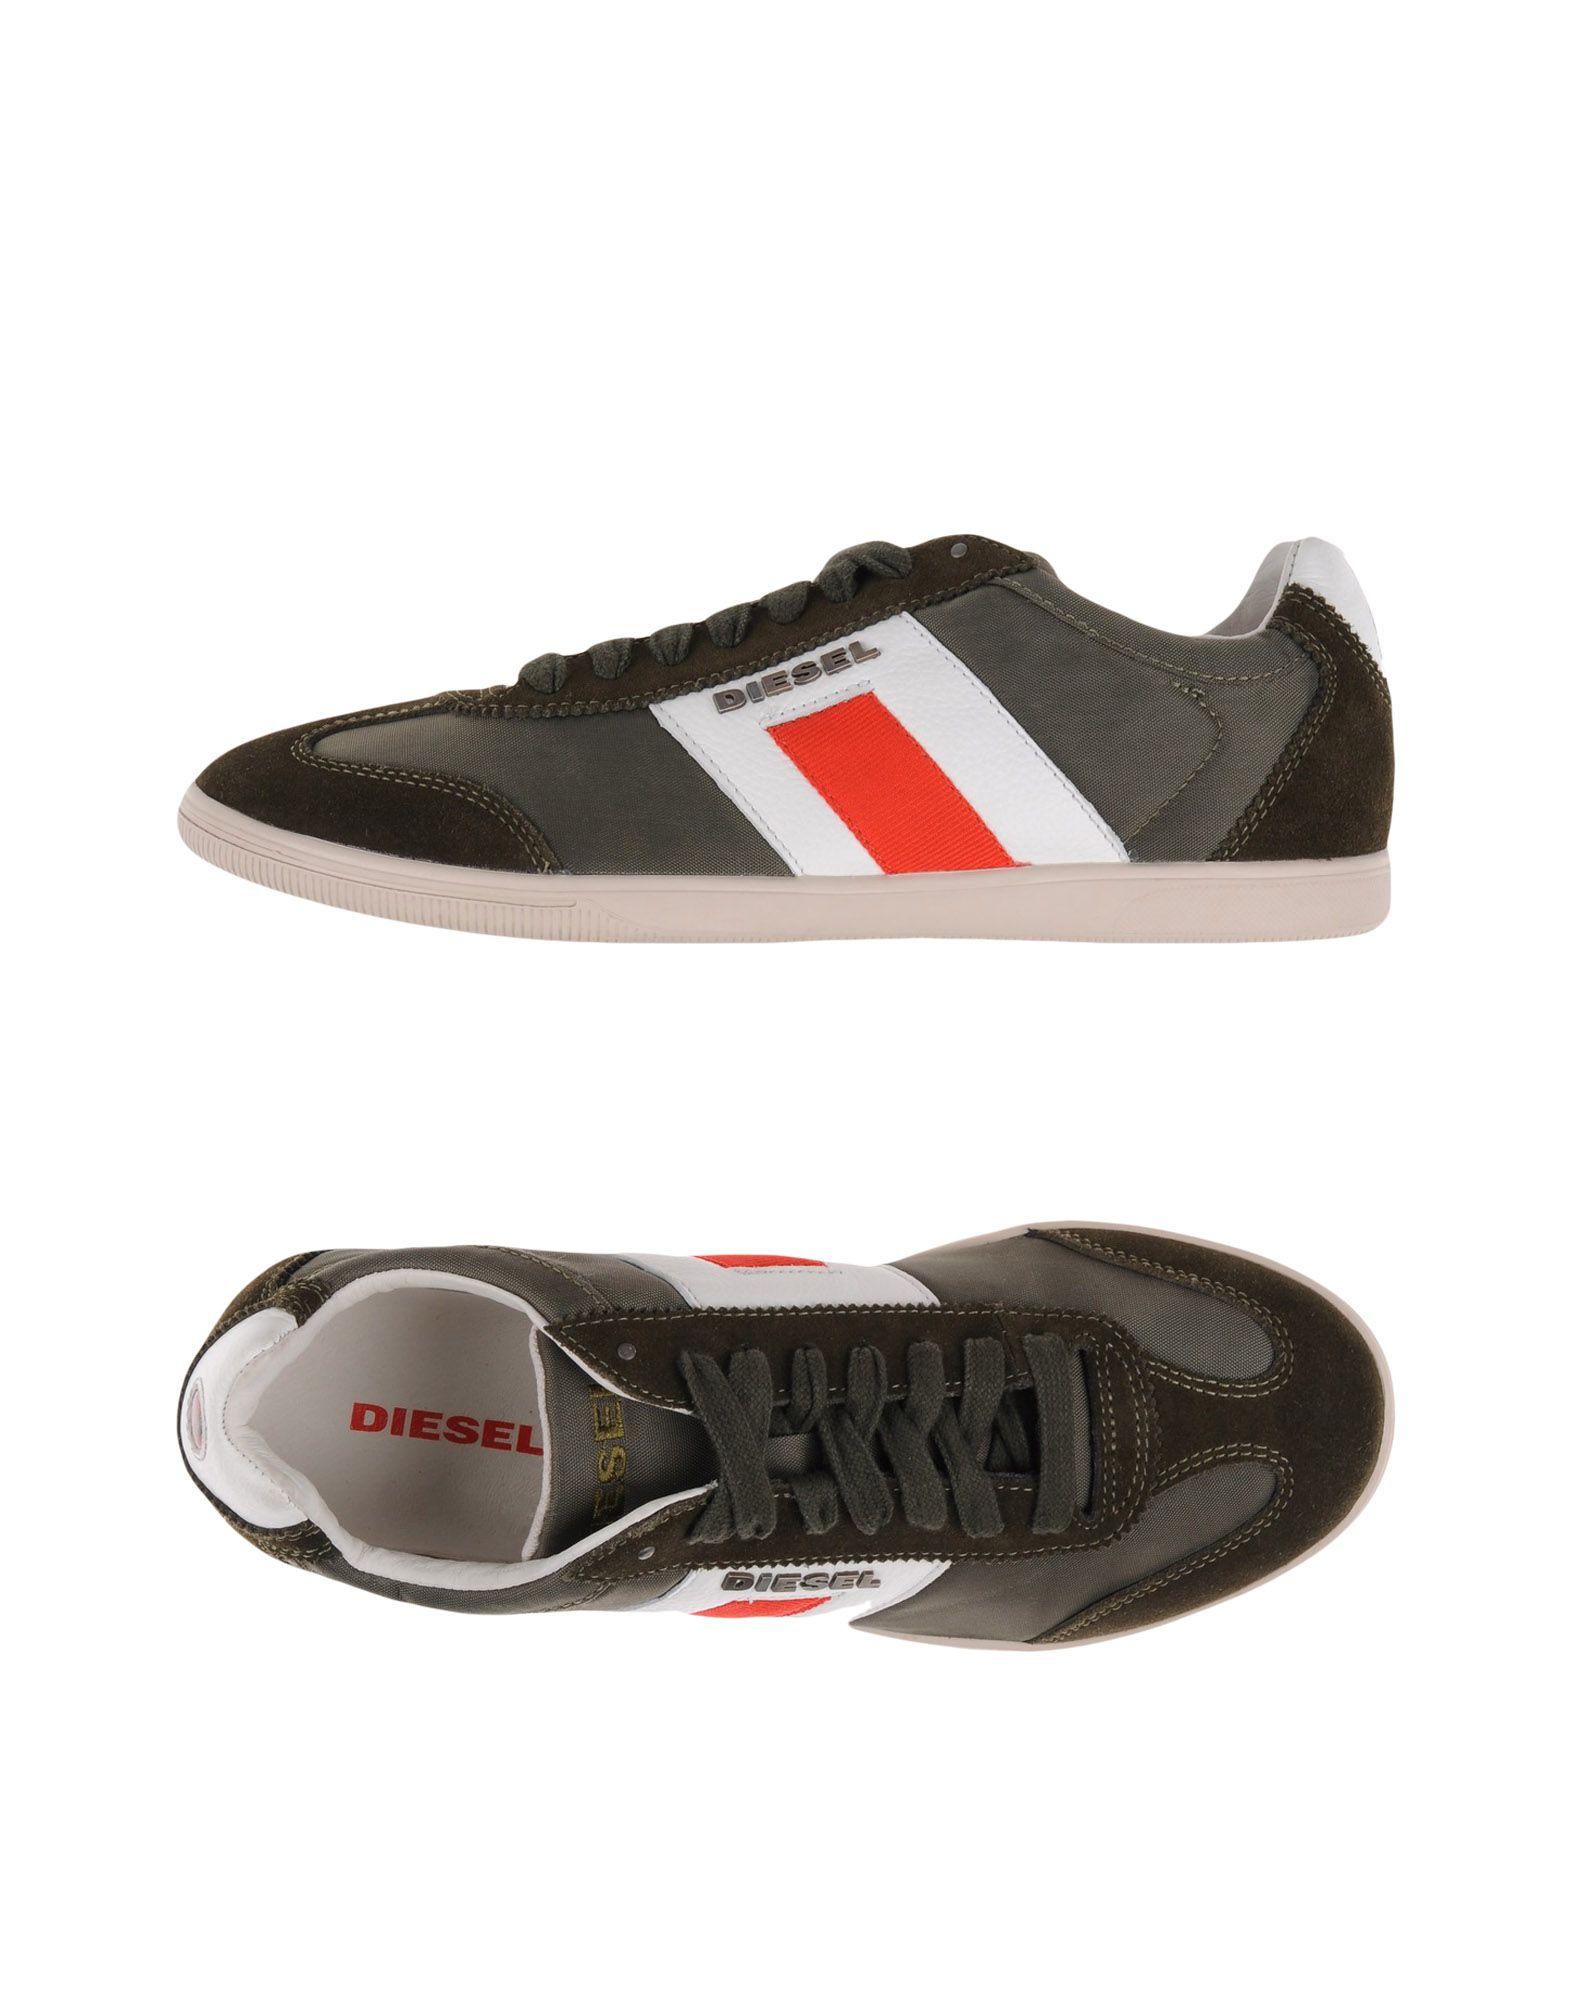 11163056HK Diesel Sneakers Herren  11163056HK  Heiße Schuhe 7655a7